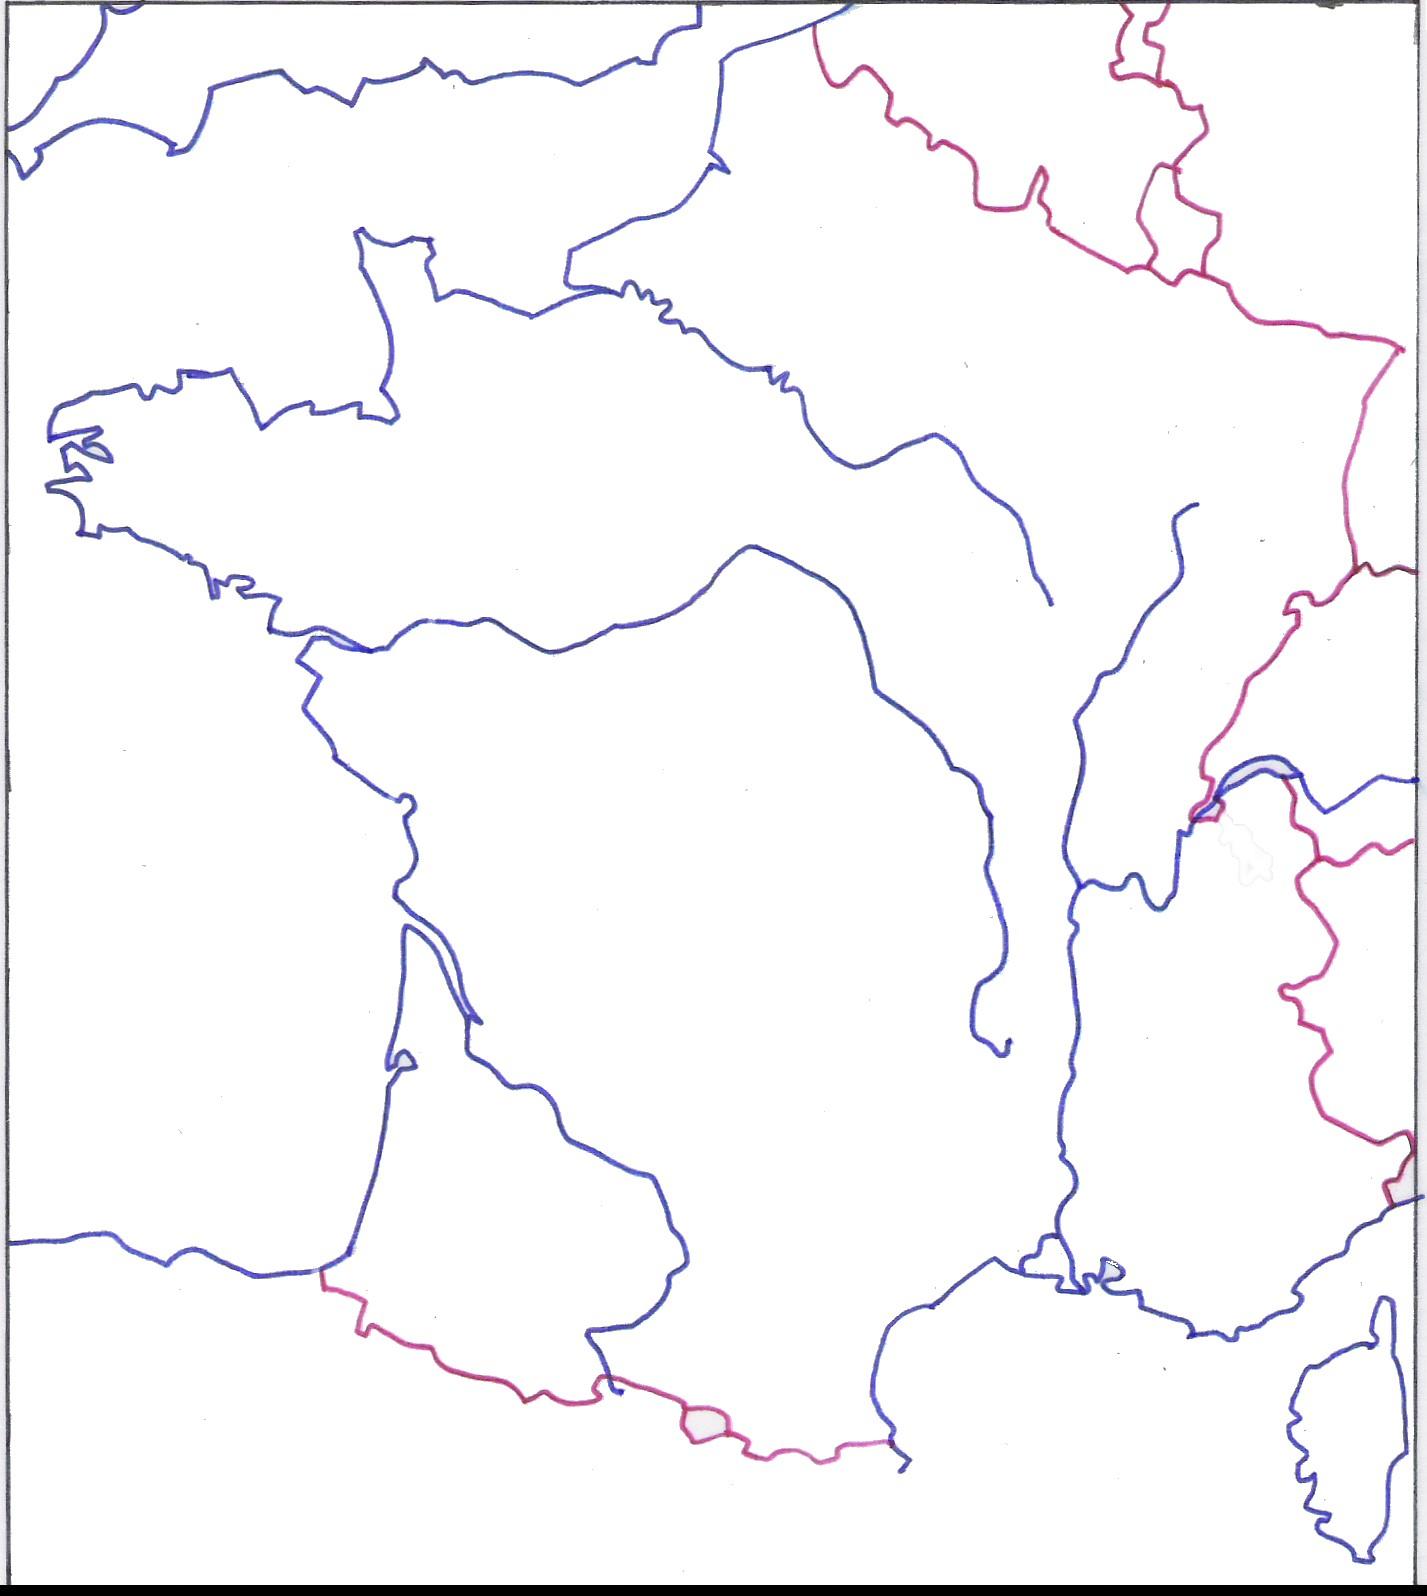 Fonds De Cartes - Les Pratiques De Classe De Mister Chat concernant Carte De France Ce2